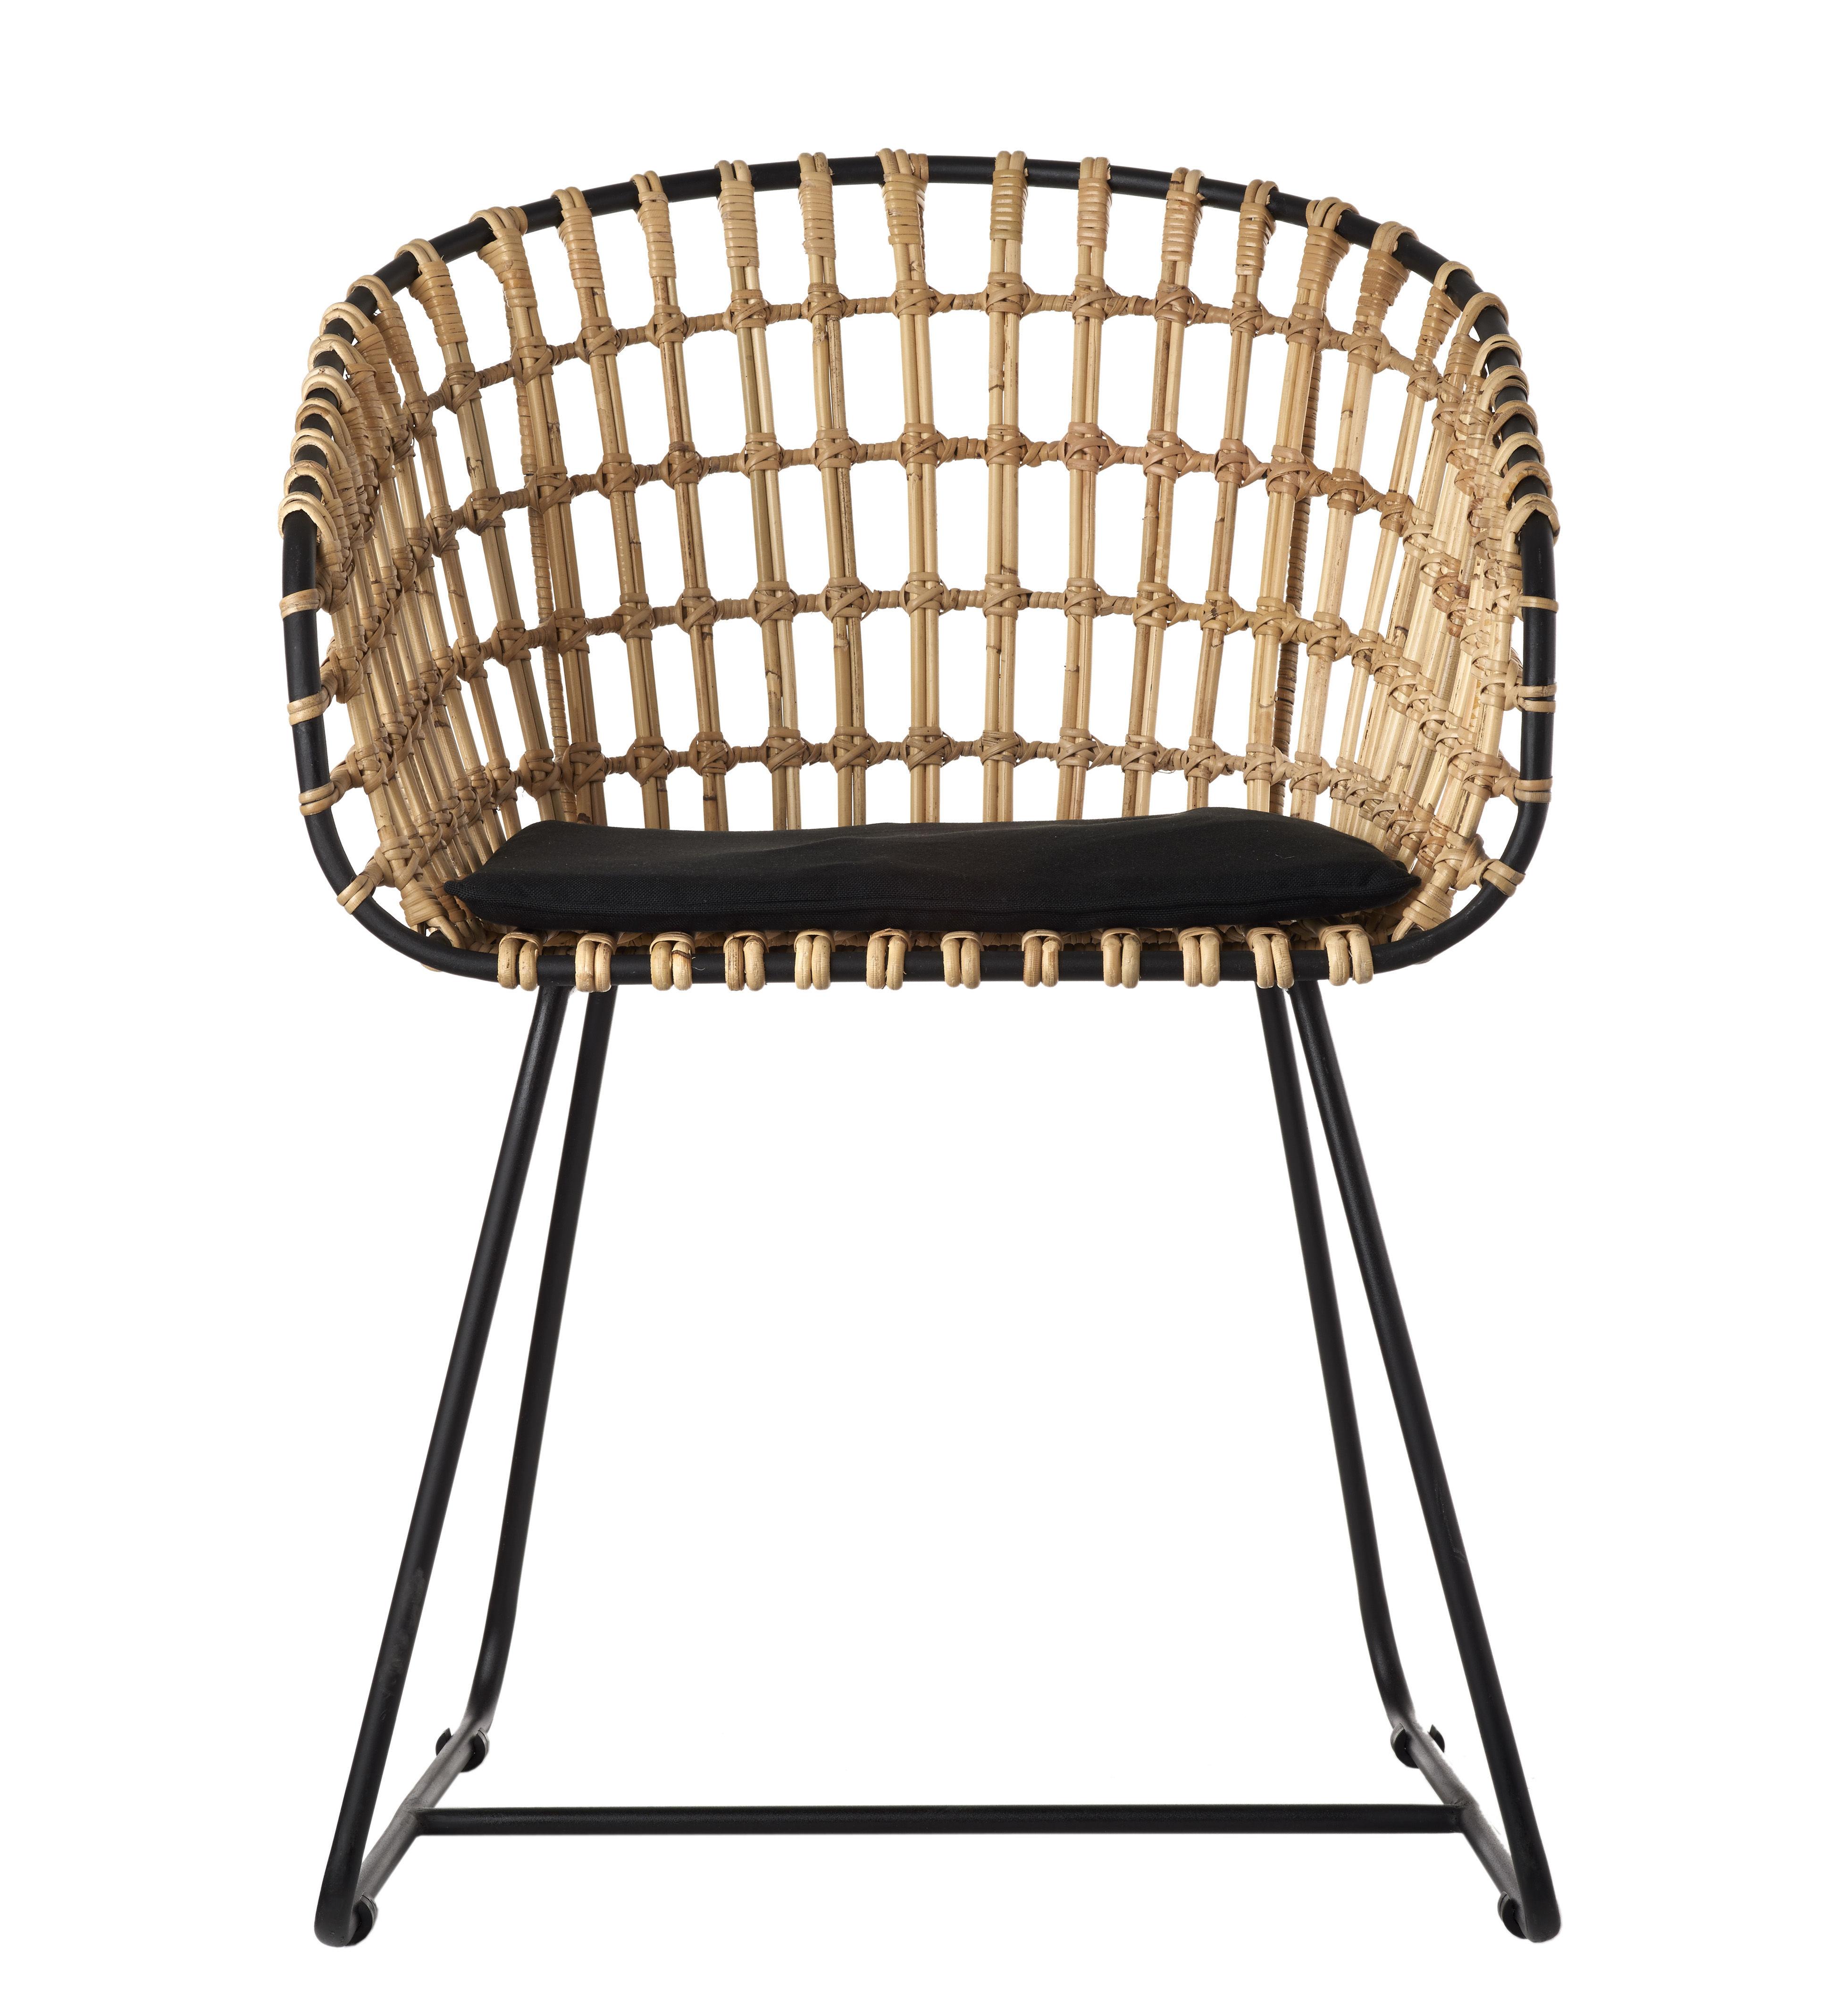 fauteuil tokyo pols potten - naturel / pieds noir - l 53 x h 79